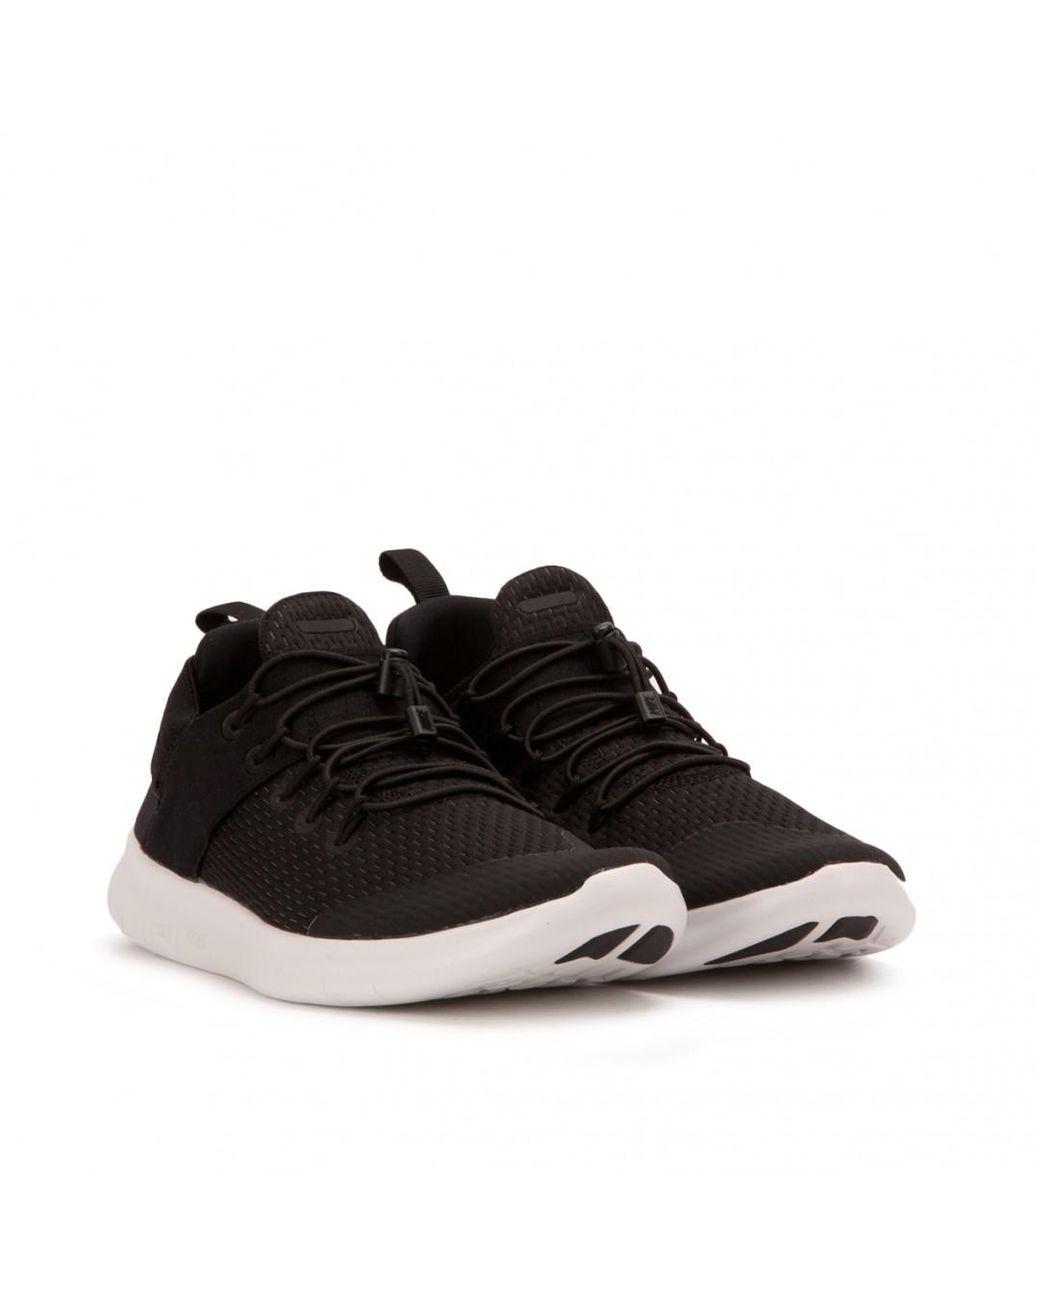 929f8789da5b8 Lyst - Nike Nike Wmns Free Rn Cmtr 2017 in Black for Men